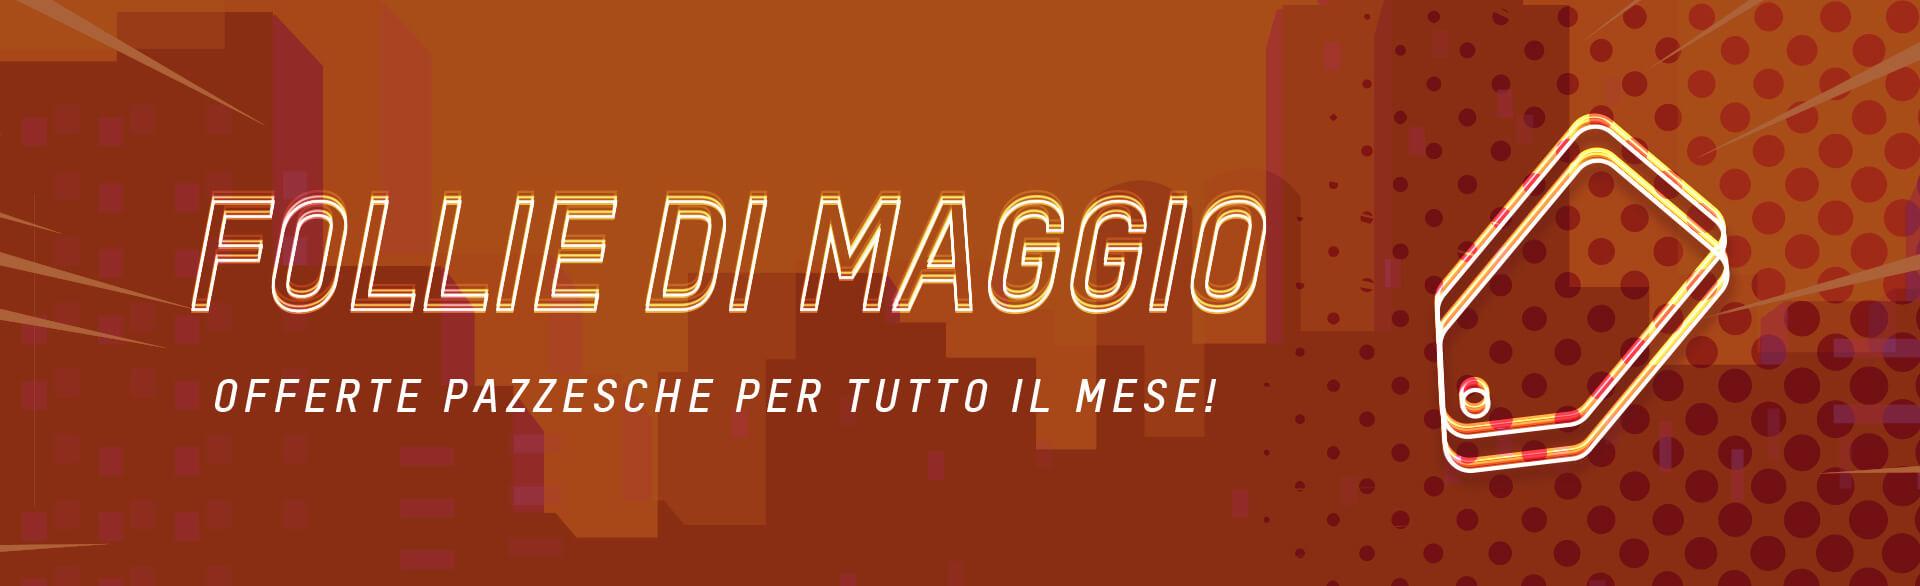 FOLLIE DI MAGGIO ZAVVI